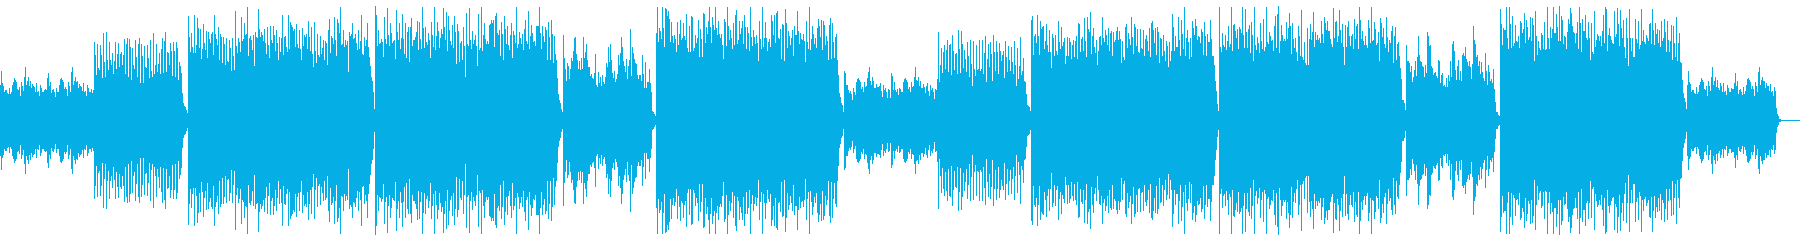 現代的で前向きなバイオリン:フルx2の再生済みの波形